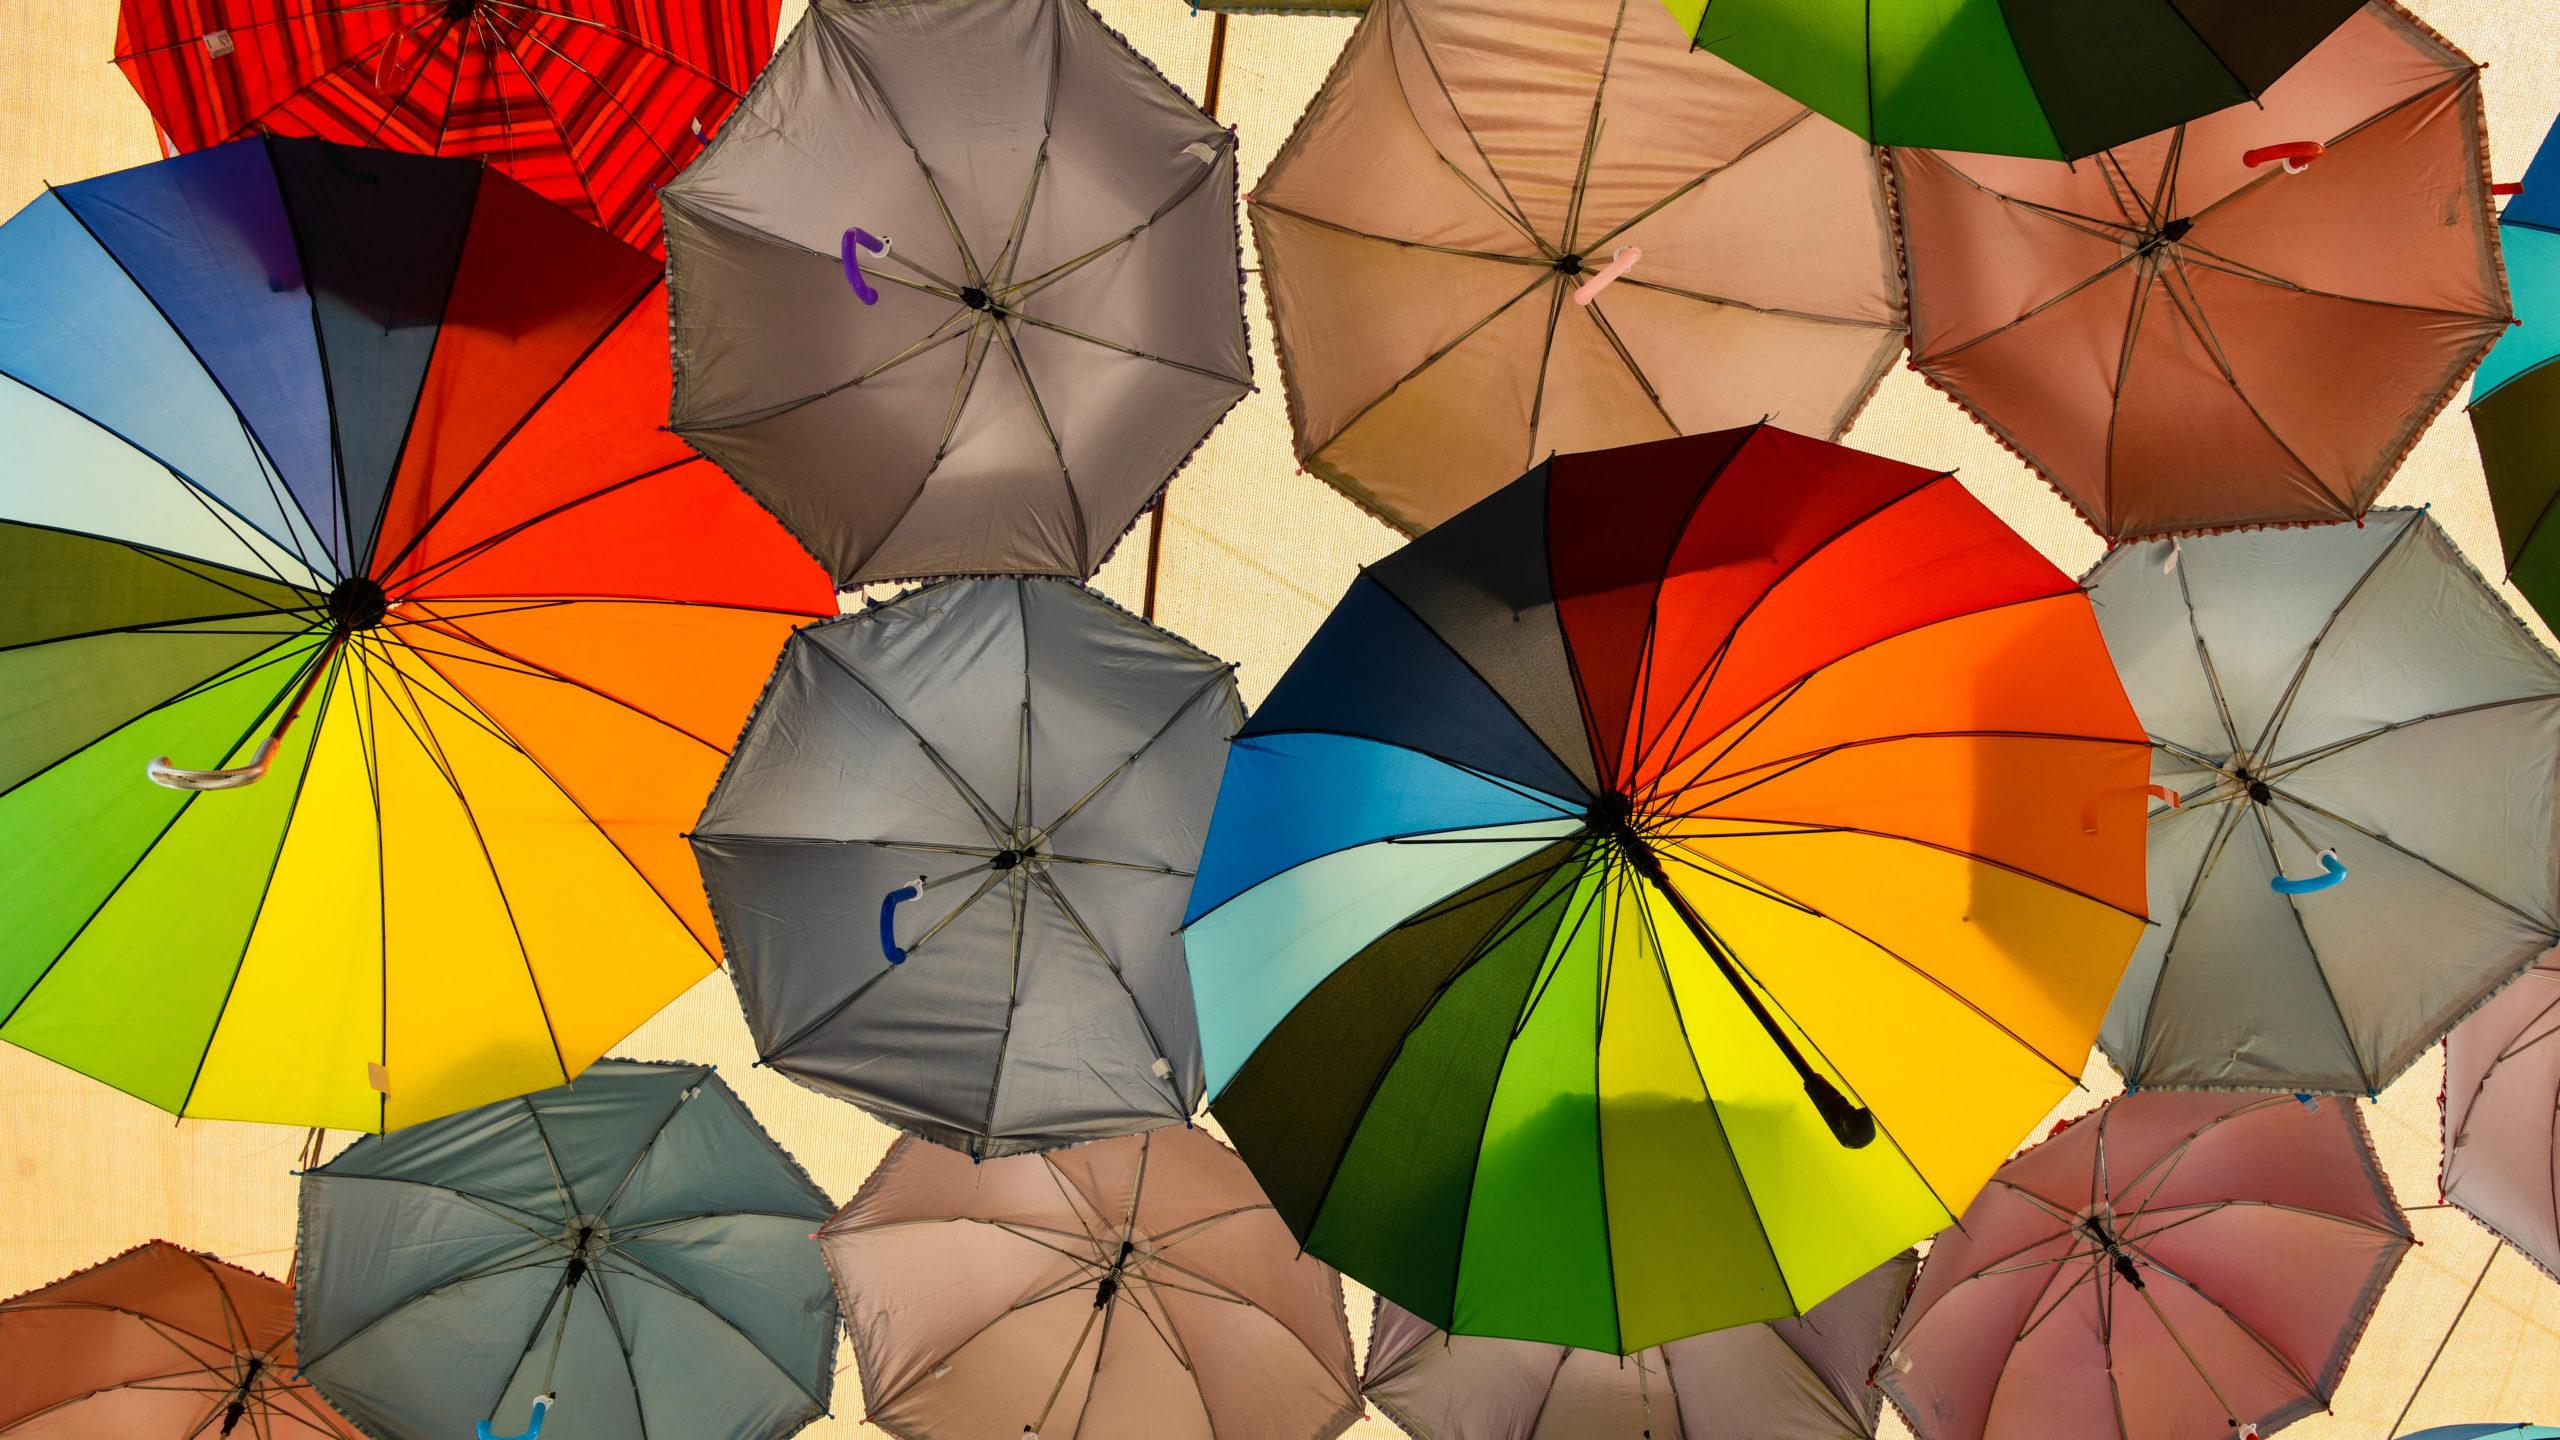 Grāmatvedības «jumta» likuma jaunais likumprojekts– apzinātas un neapzinātas sekas